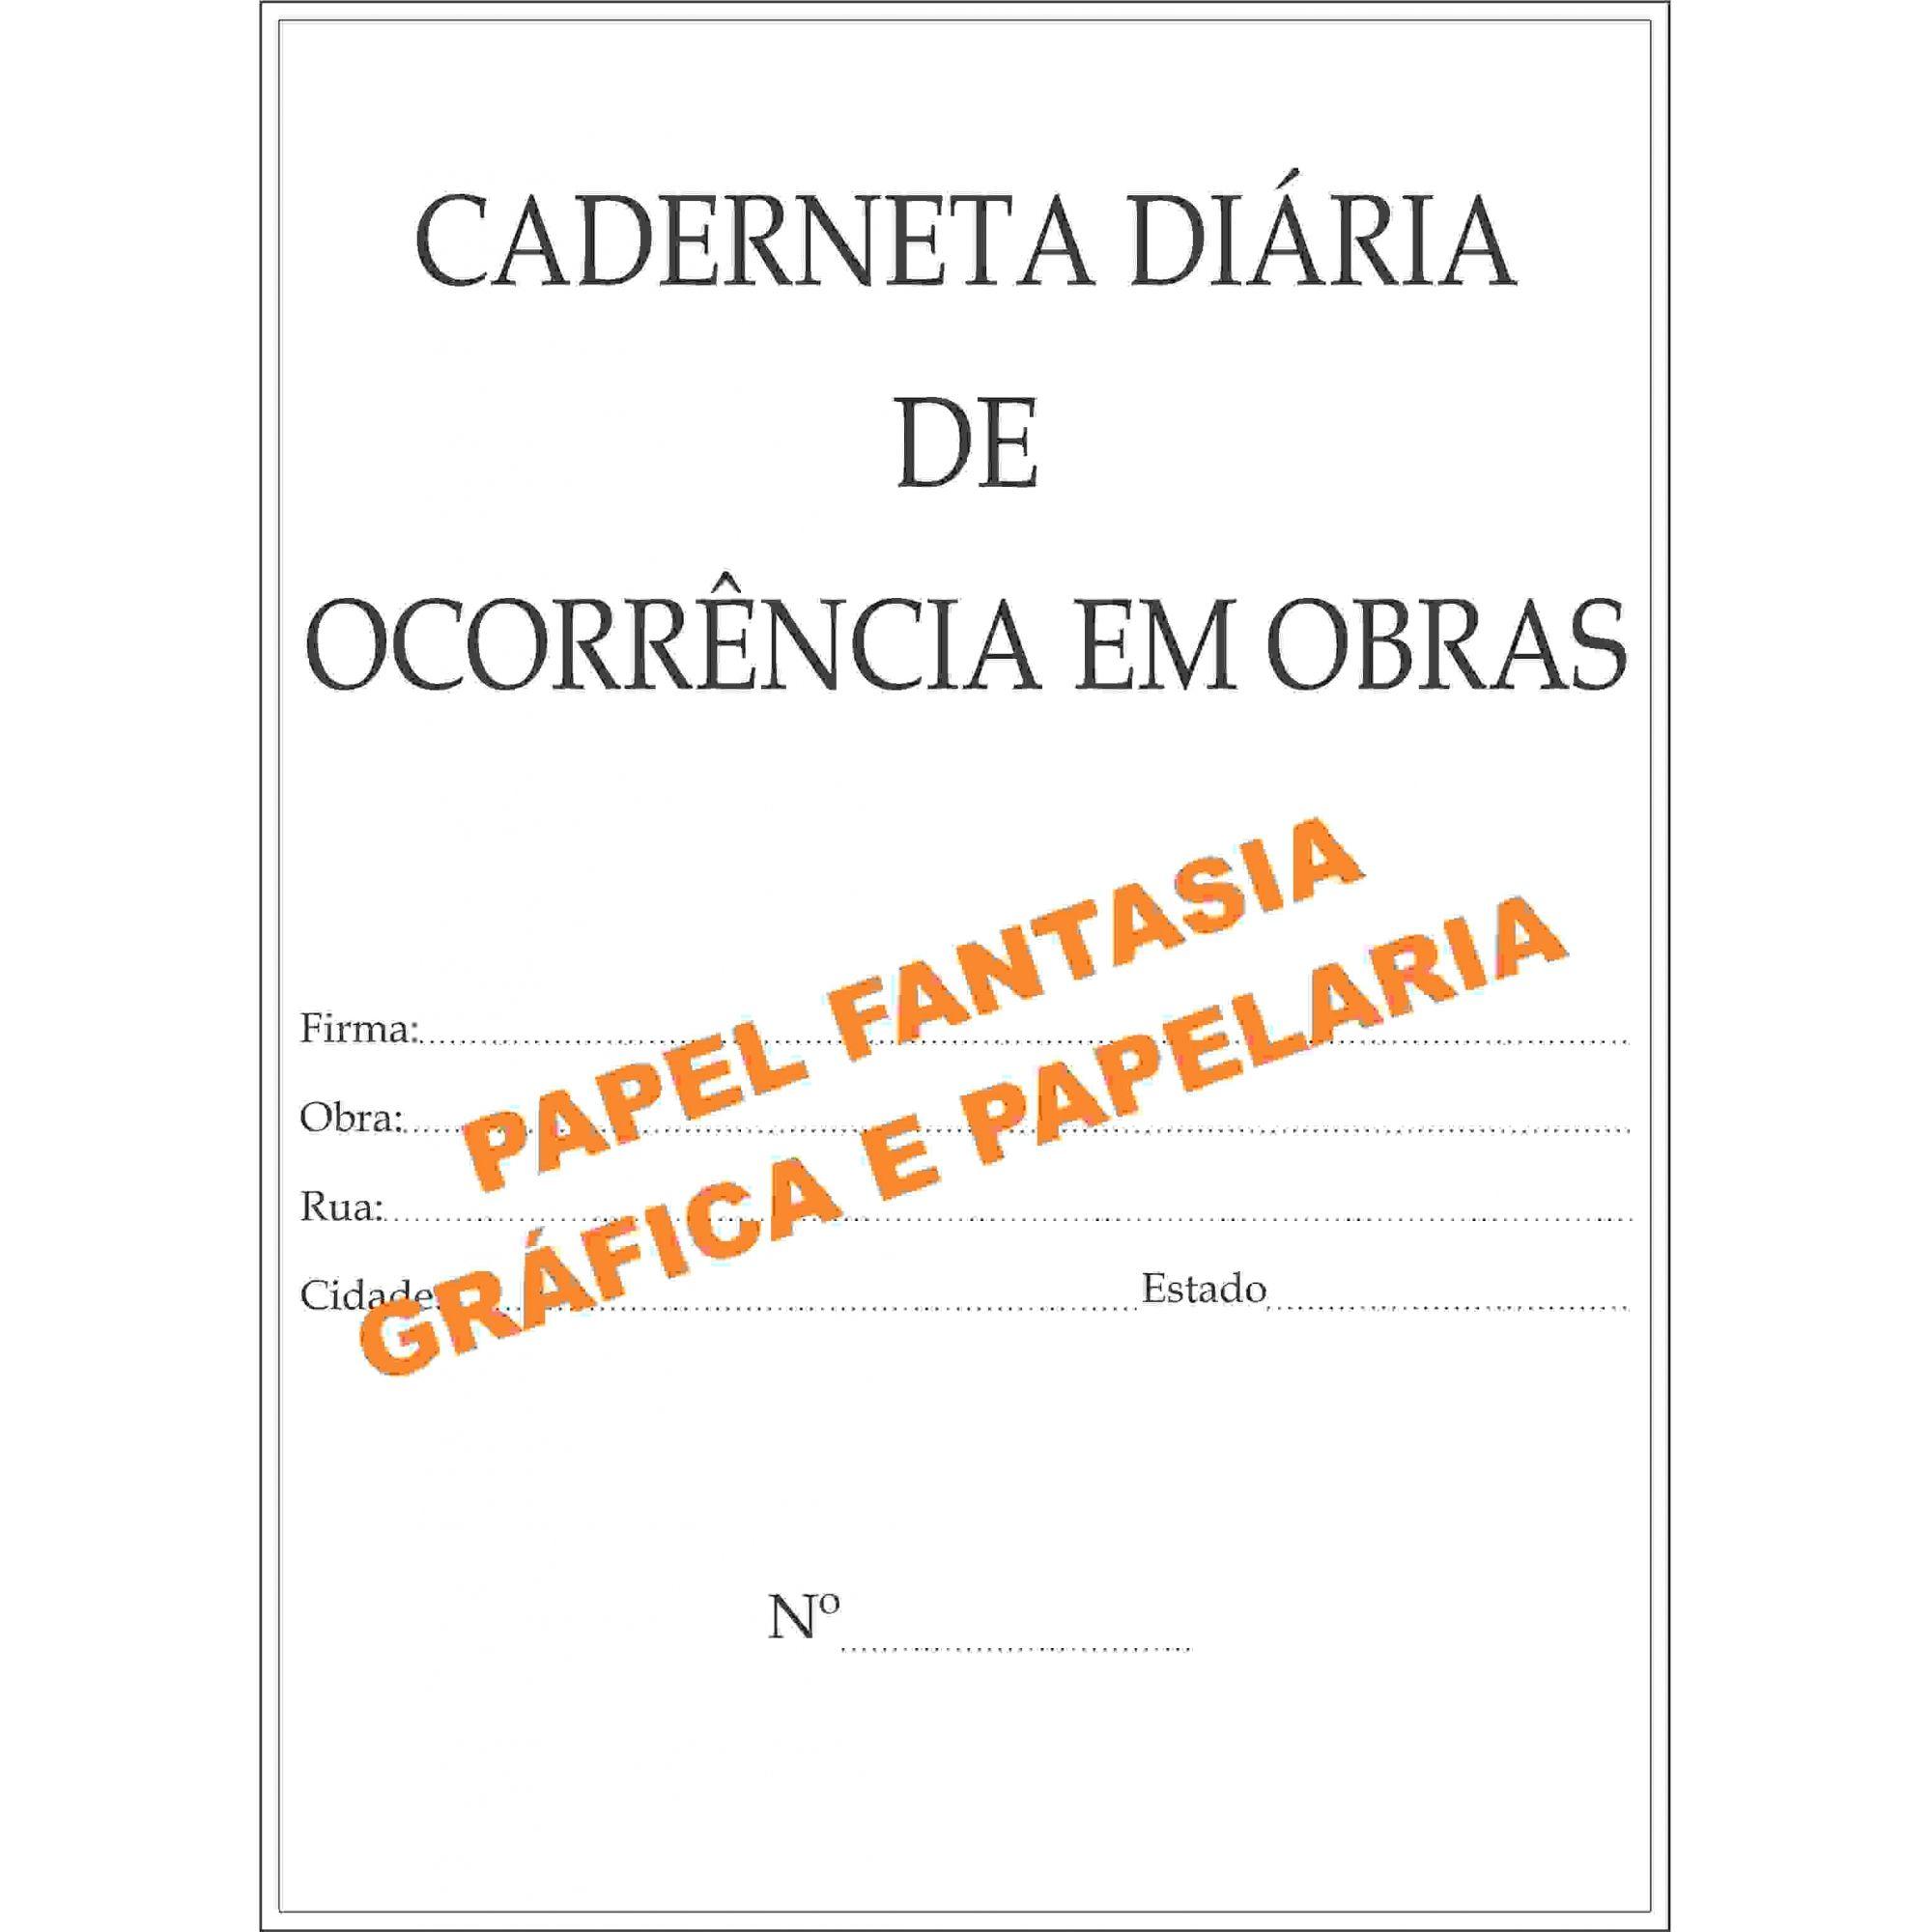 Caderneta Diario de obra 50  x  2 (Papelfantasia)